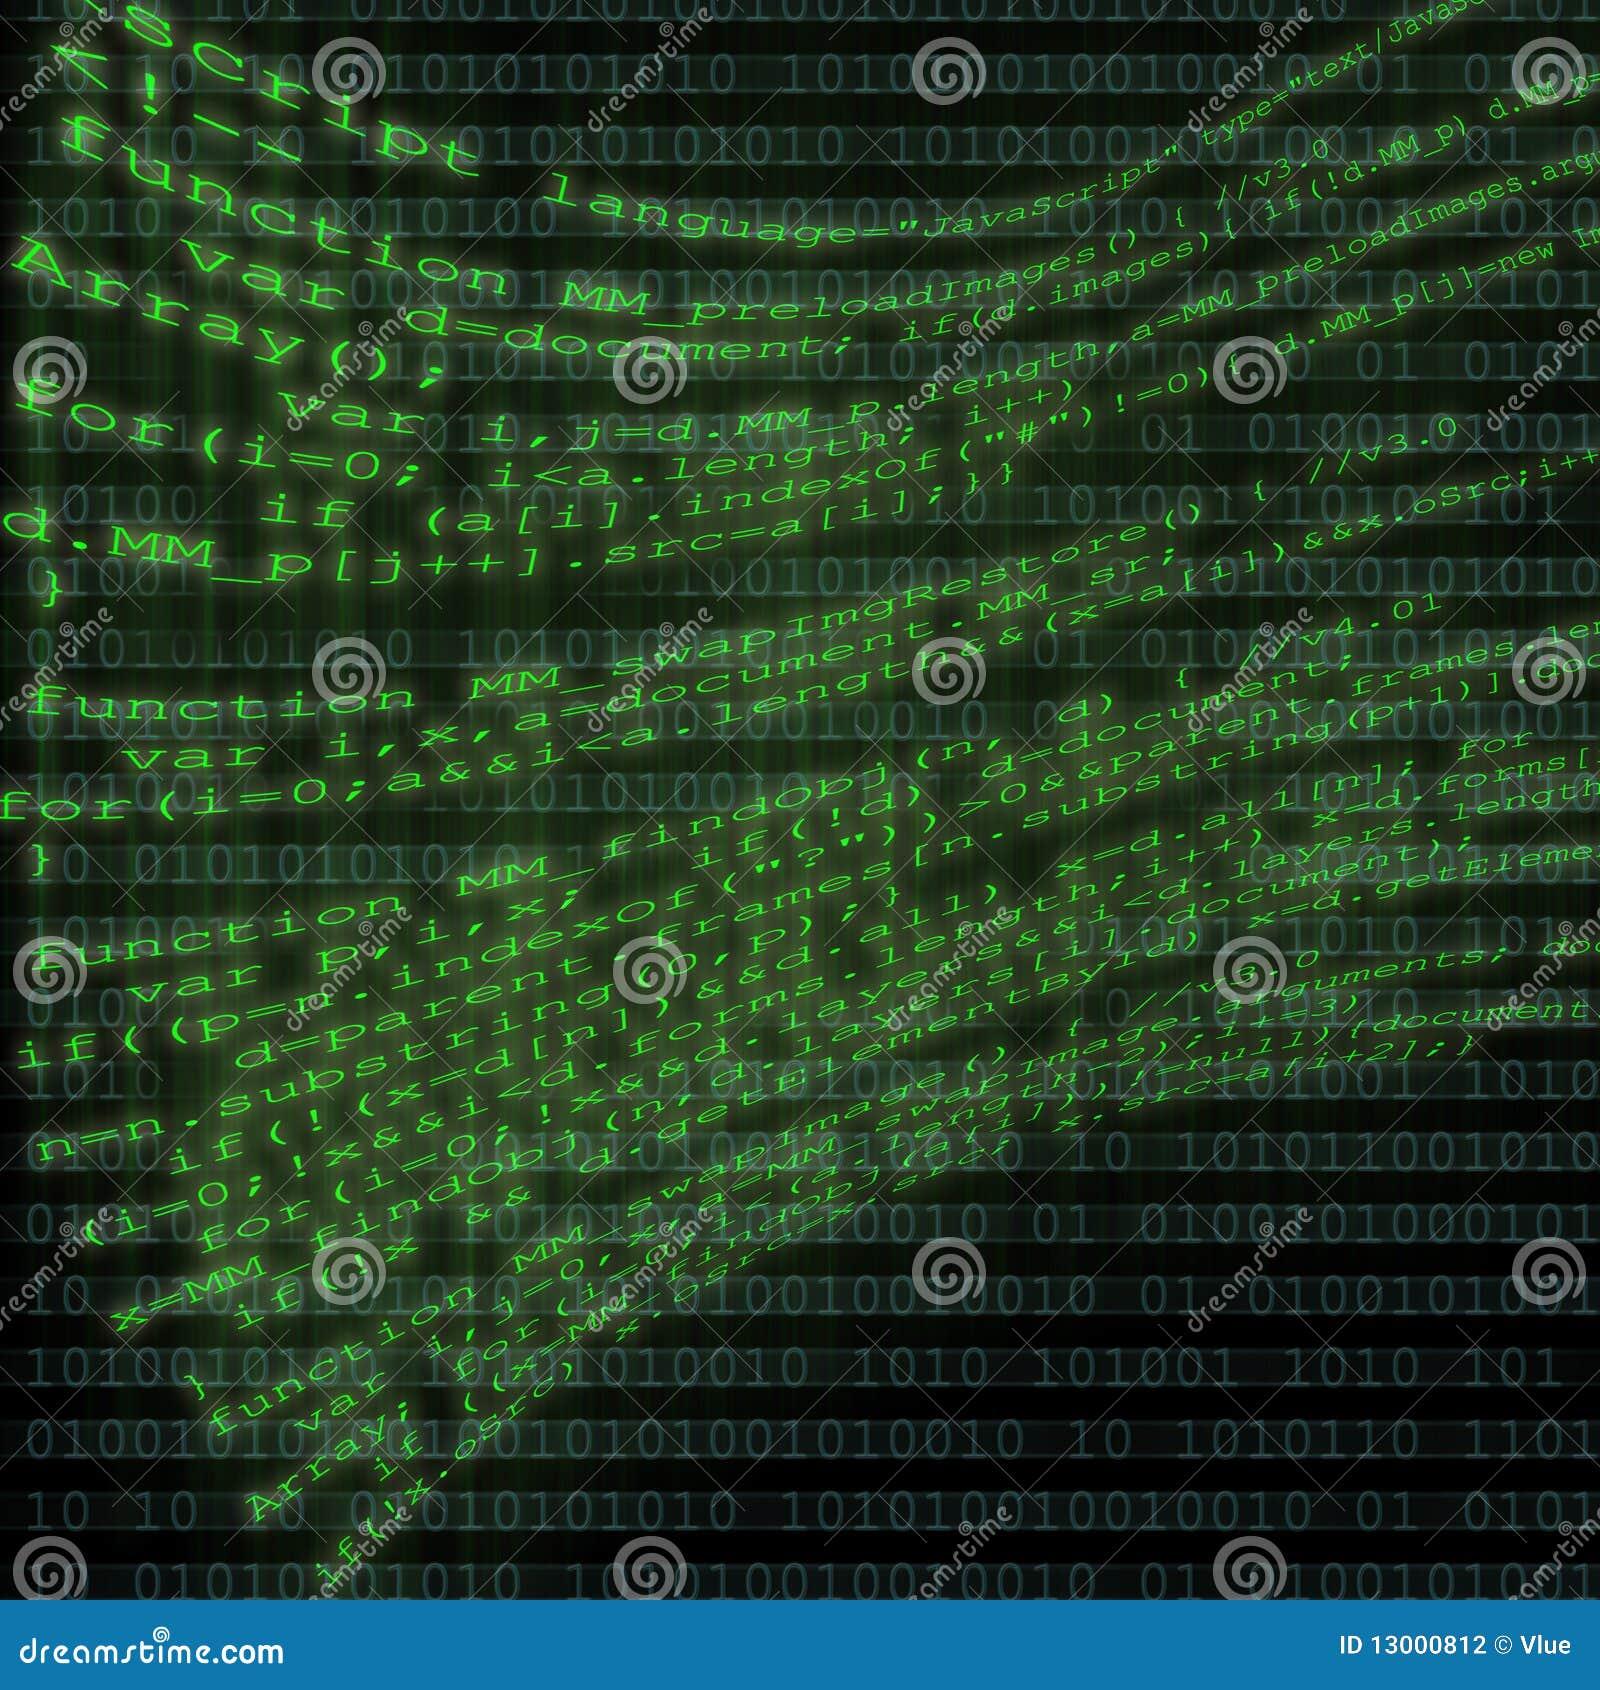 Kodad den datorjava skriften